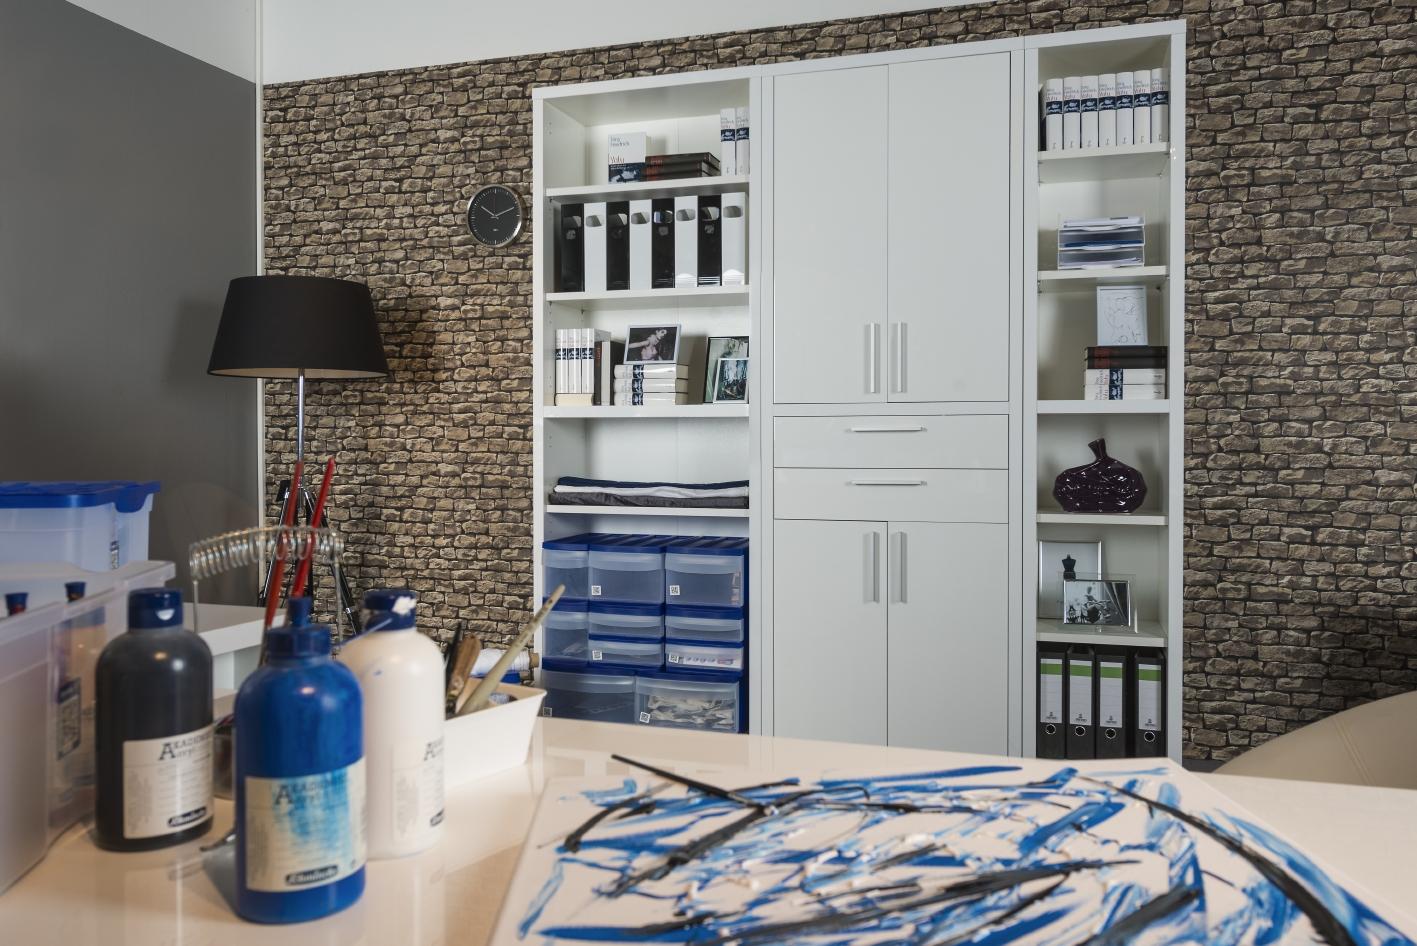 wie das ausmisten der wohnung schwung ins leben bringt. Black Bedroom Furniture Sets. Home Design Ideas